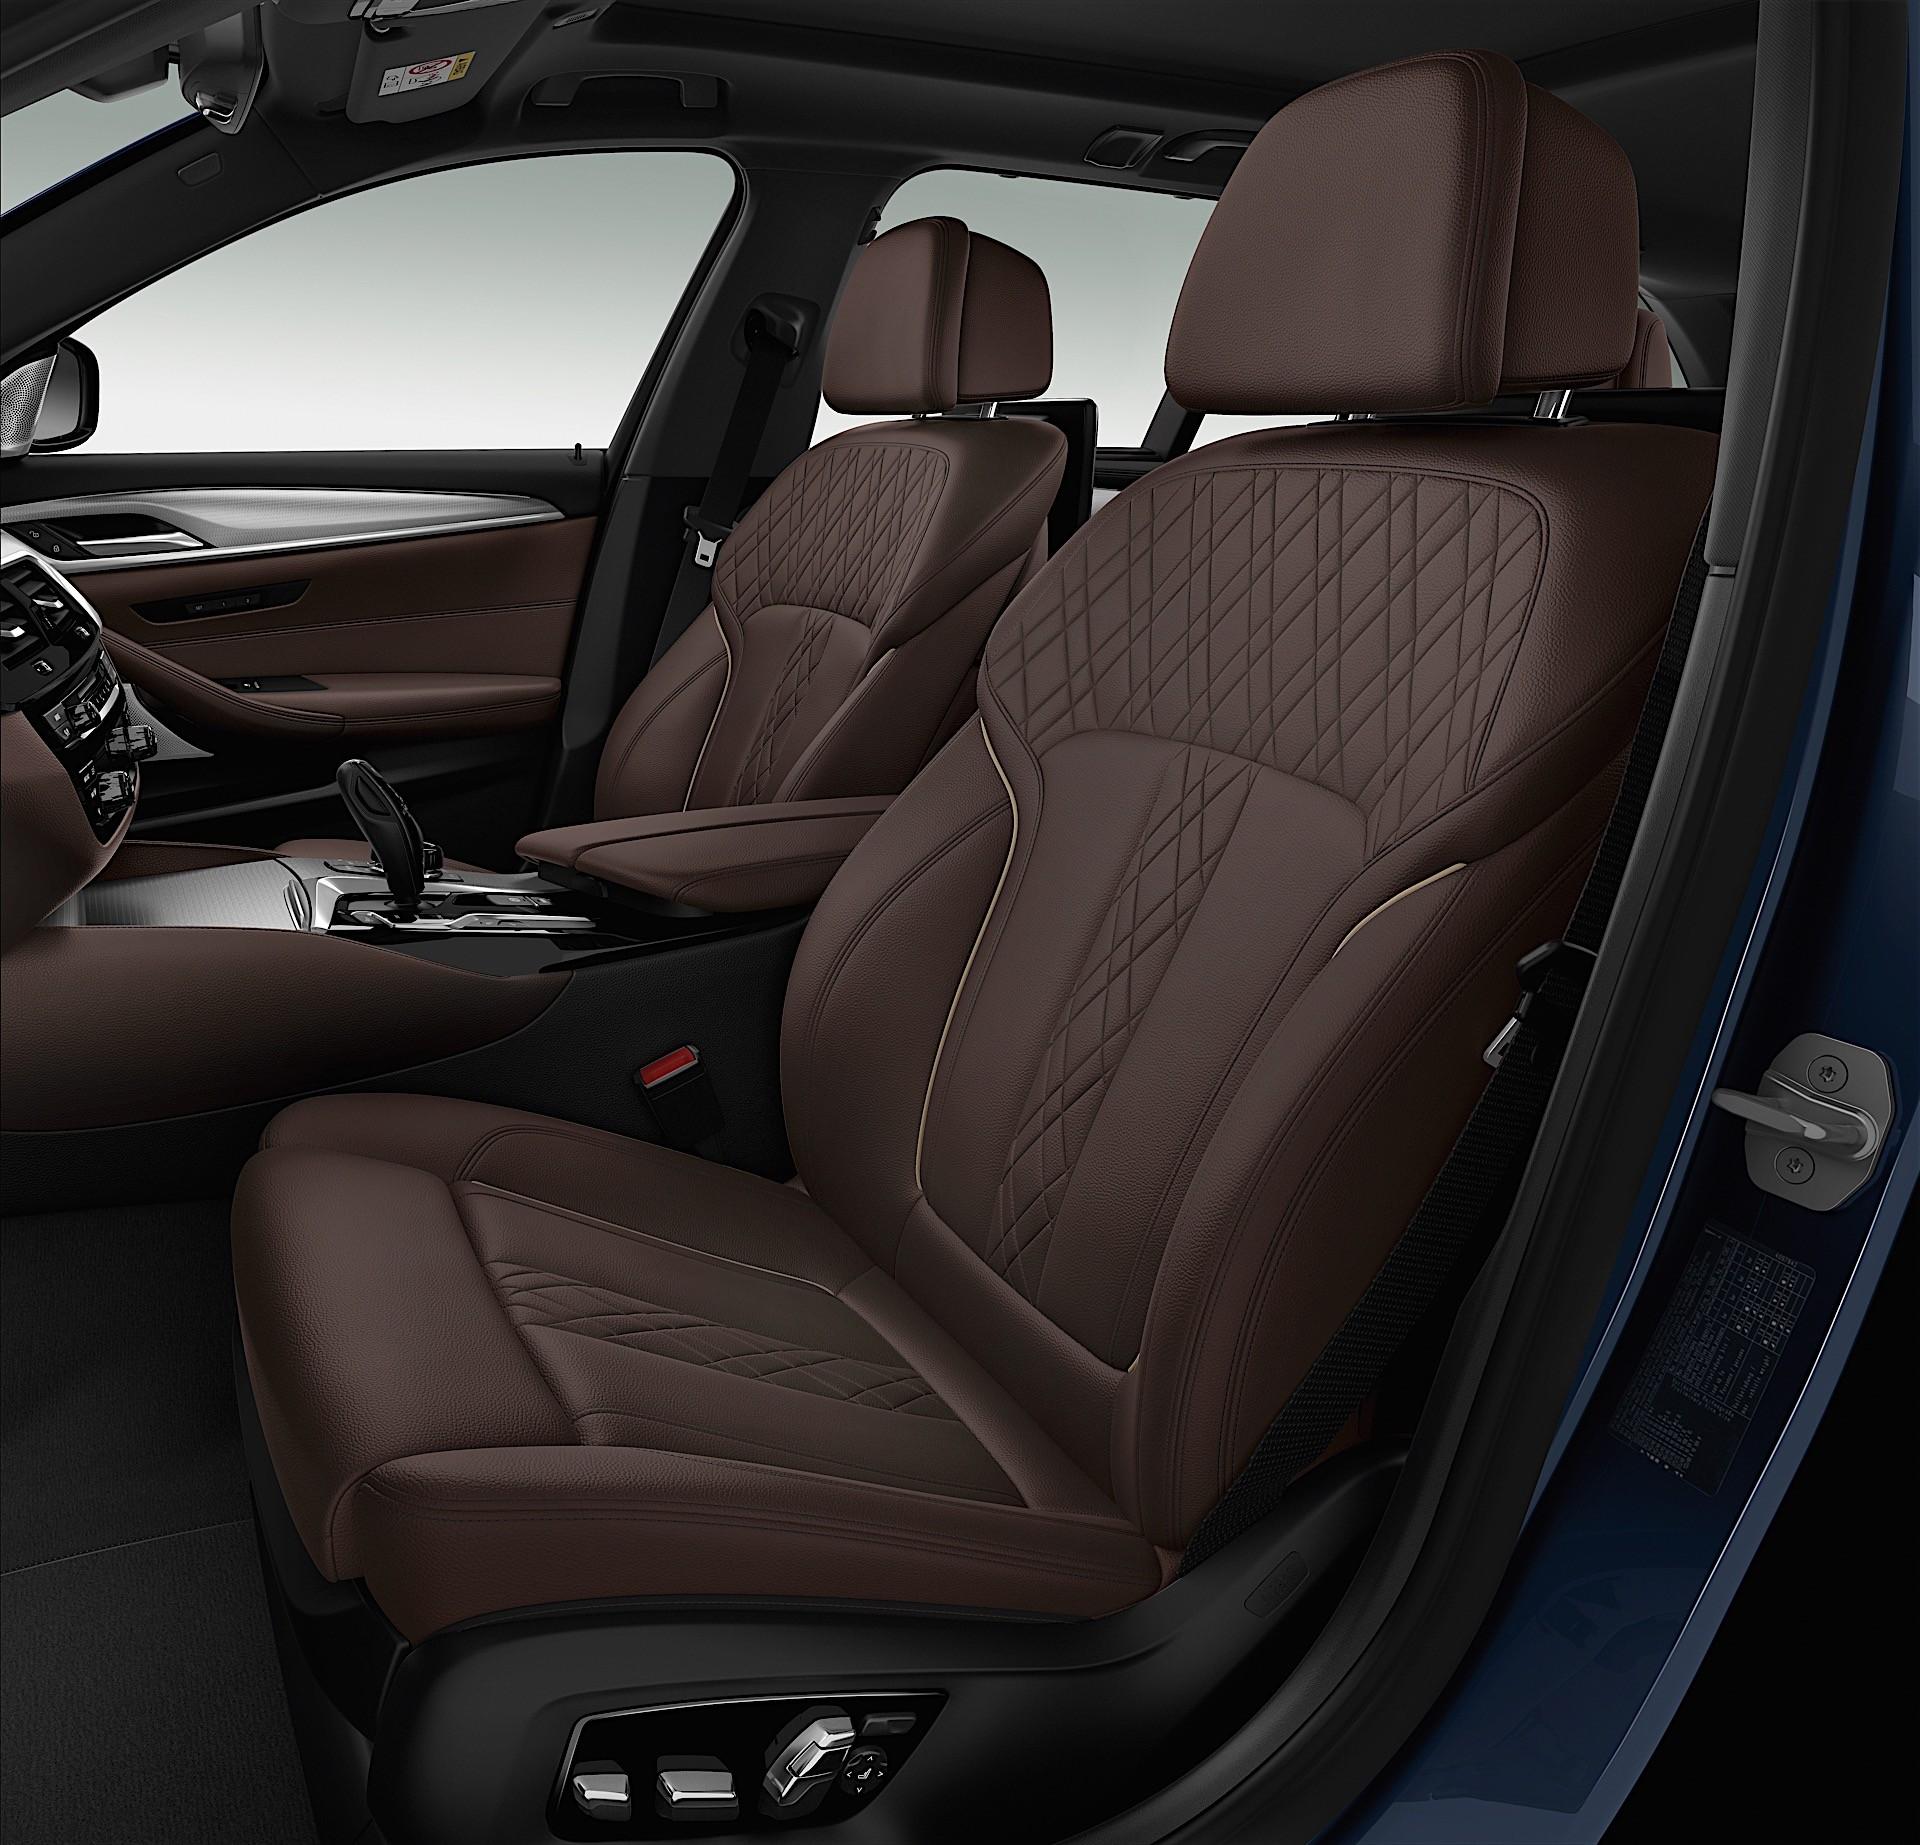 Bmw Xdrive 650i: 2018 BMW M550d XDrive (G30) Is A Fast Quad-Turbo Diesel In